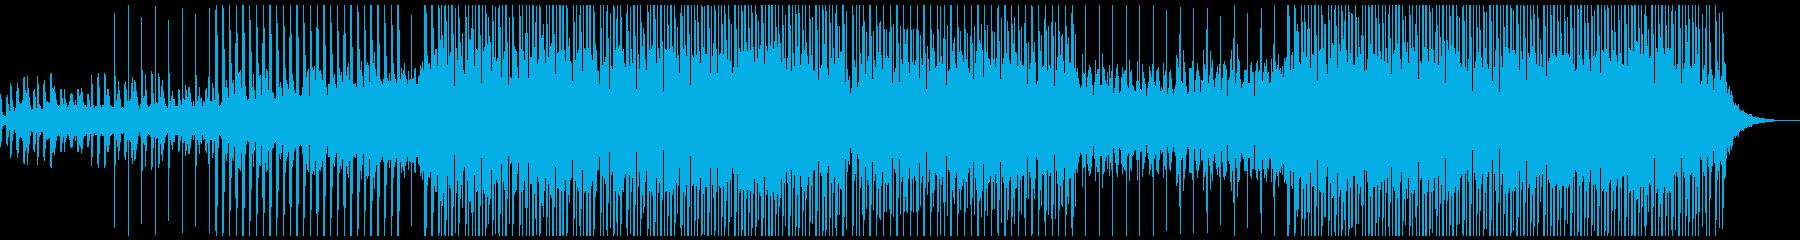 ドリーミーポップの再生済みの波形